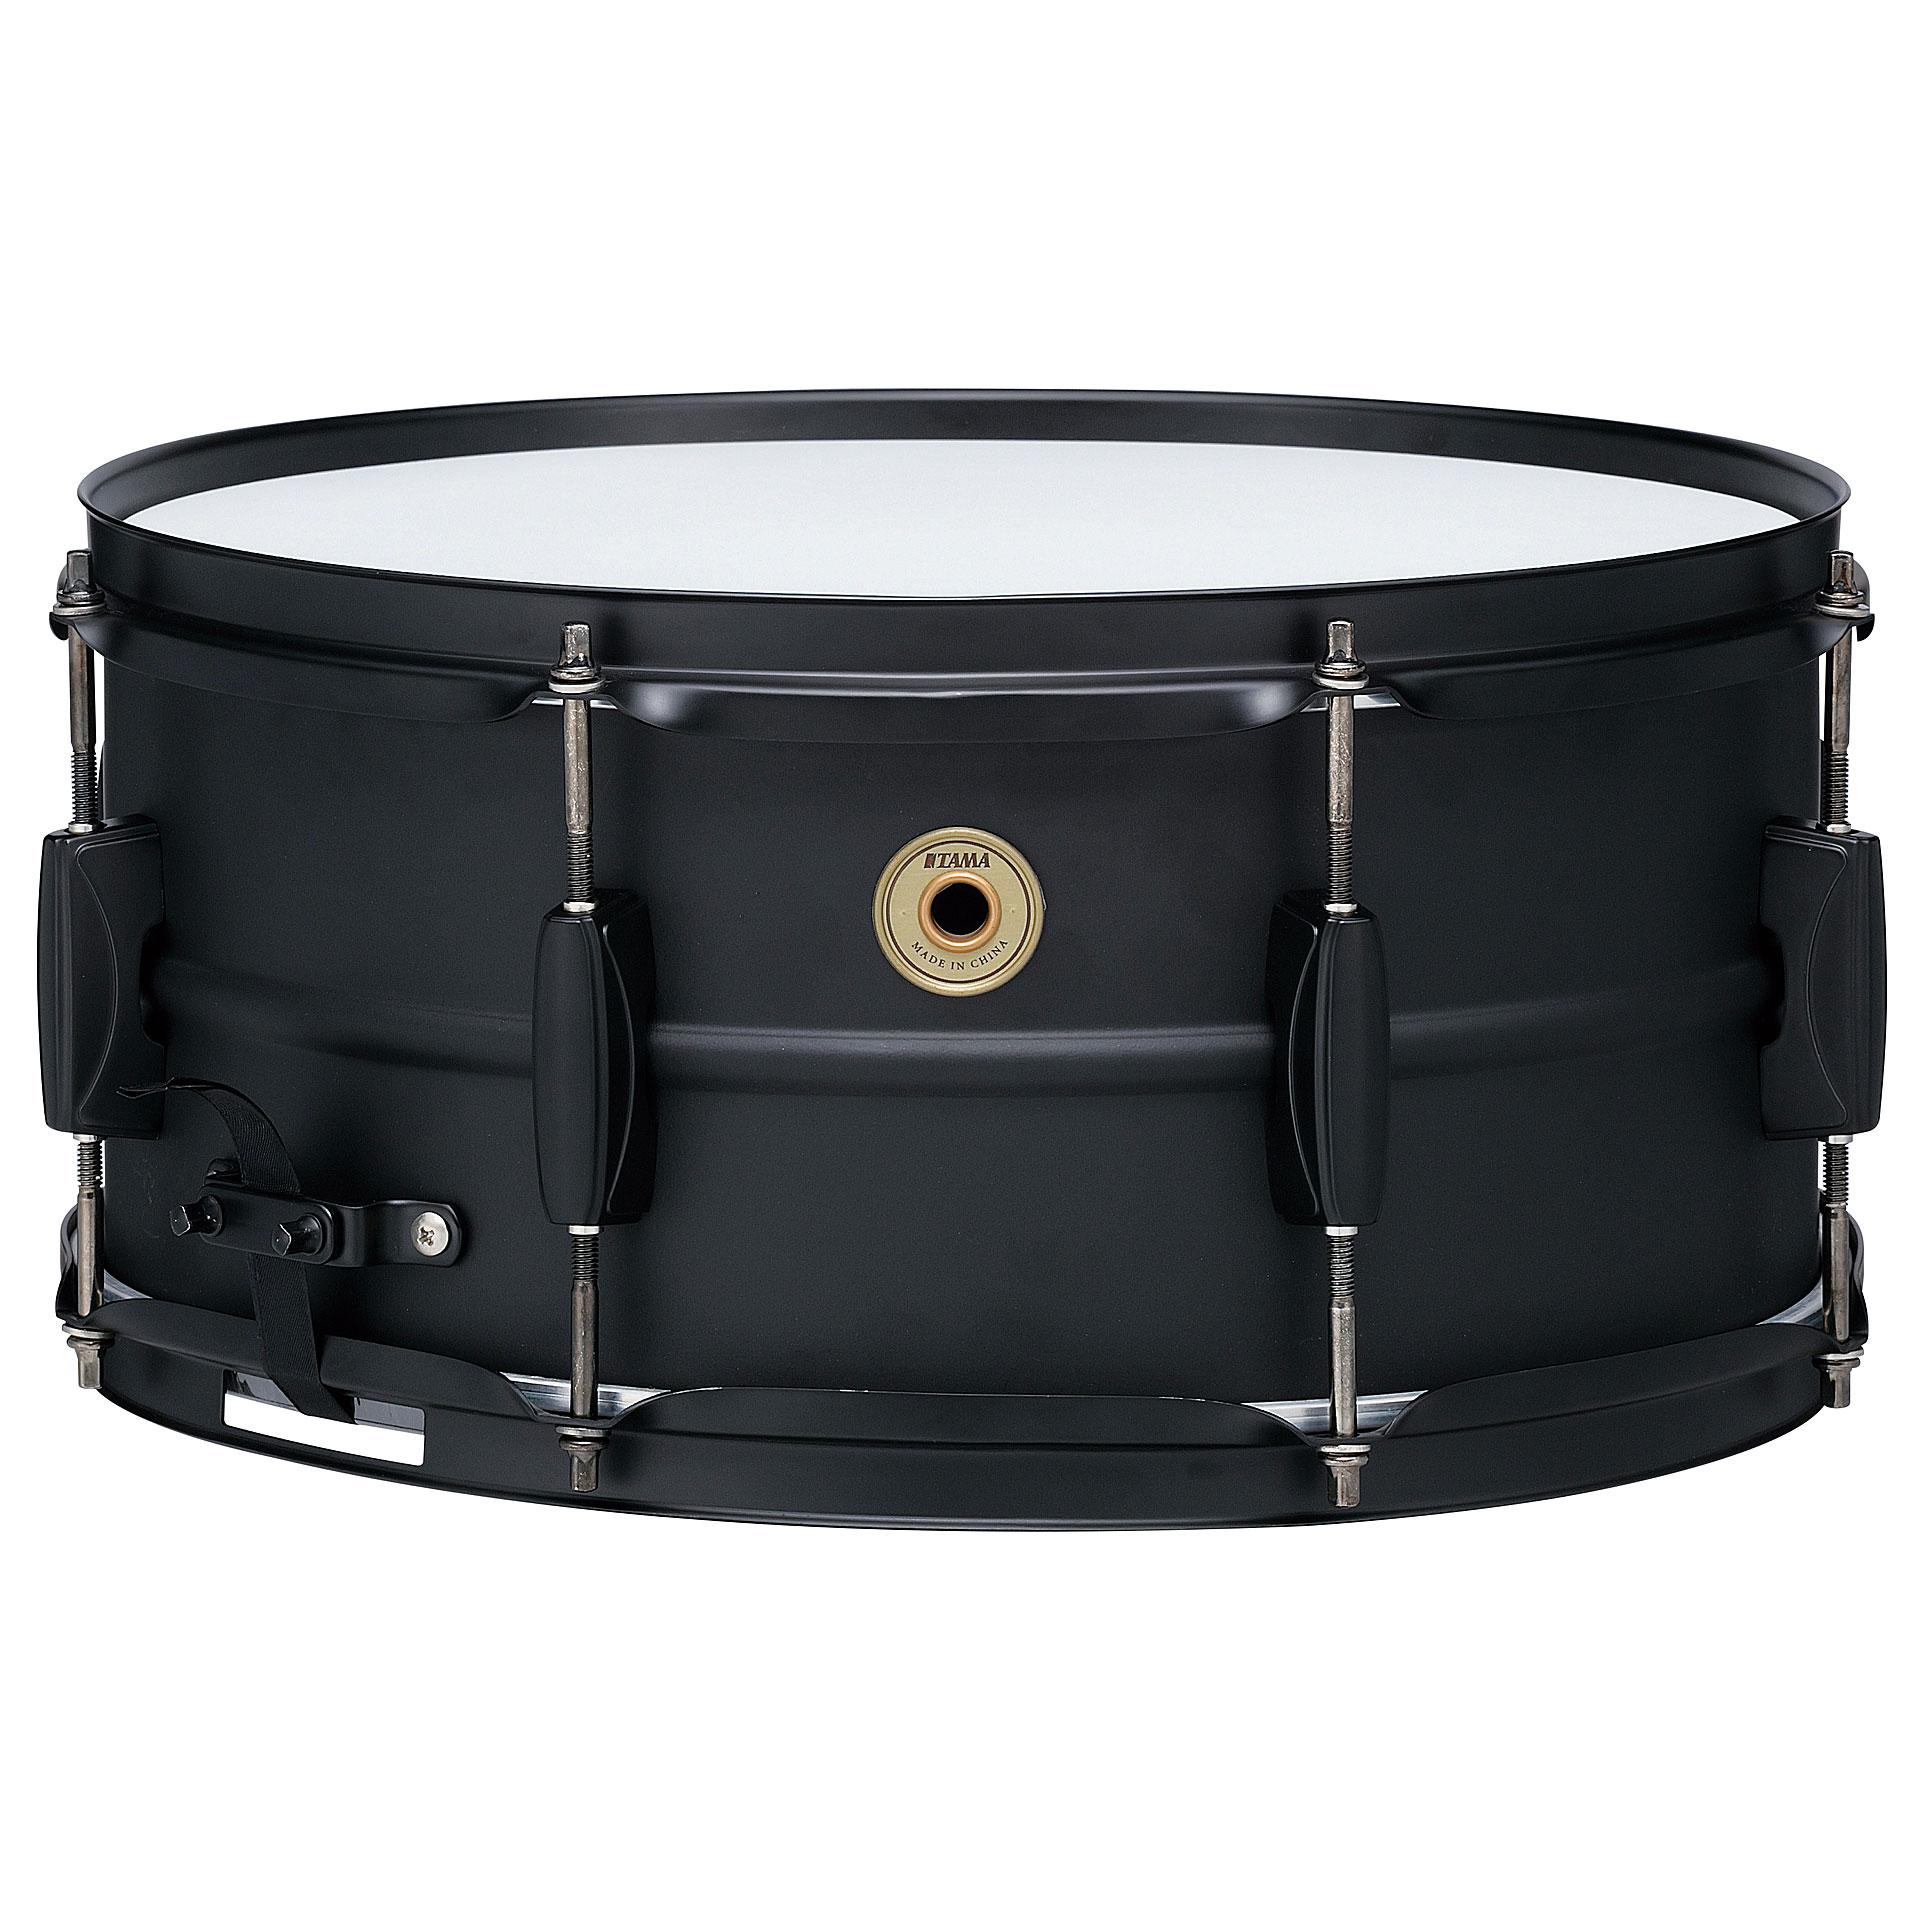 tama metalworks 14 x 6 5 black steel snare snare drum. Black Bedroom Furniture Sets. Home Design Ideas